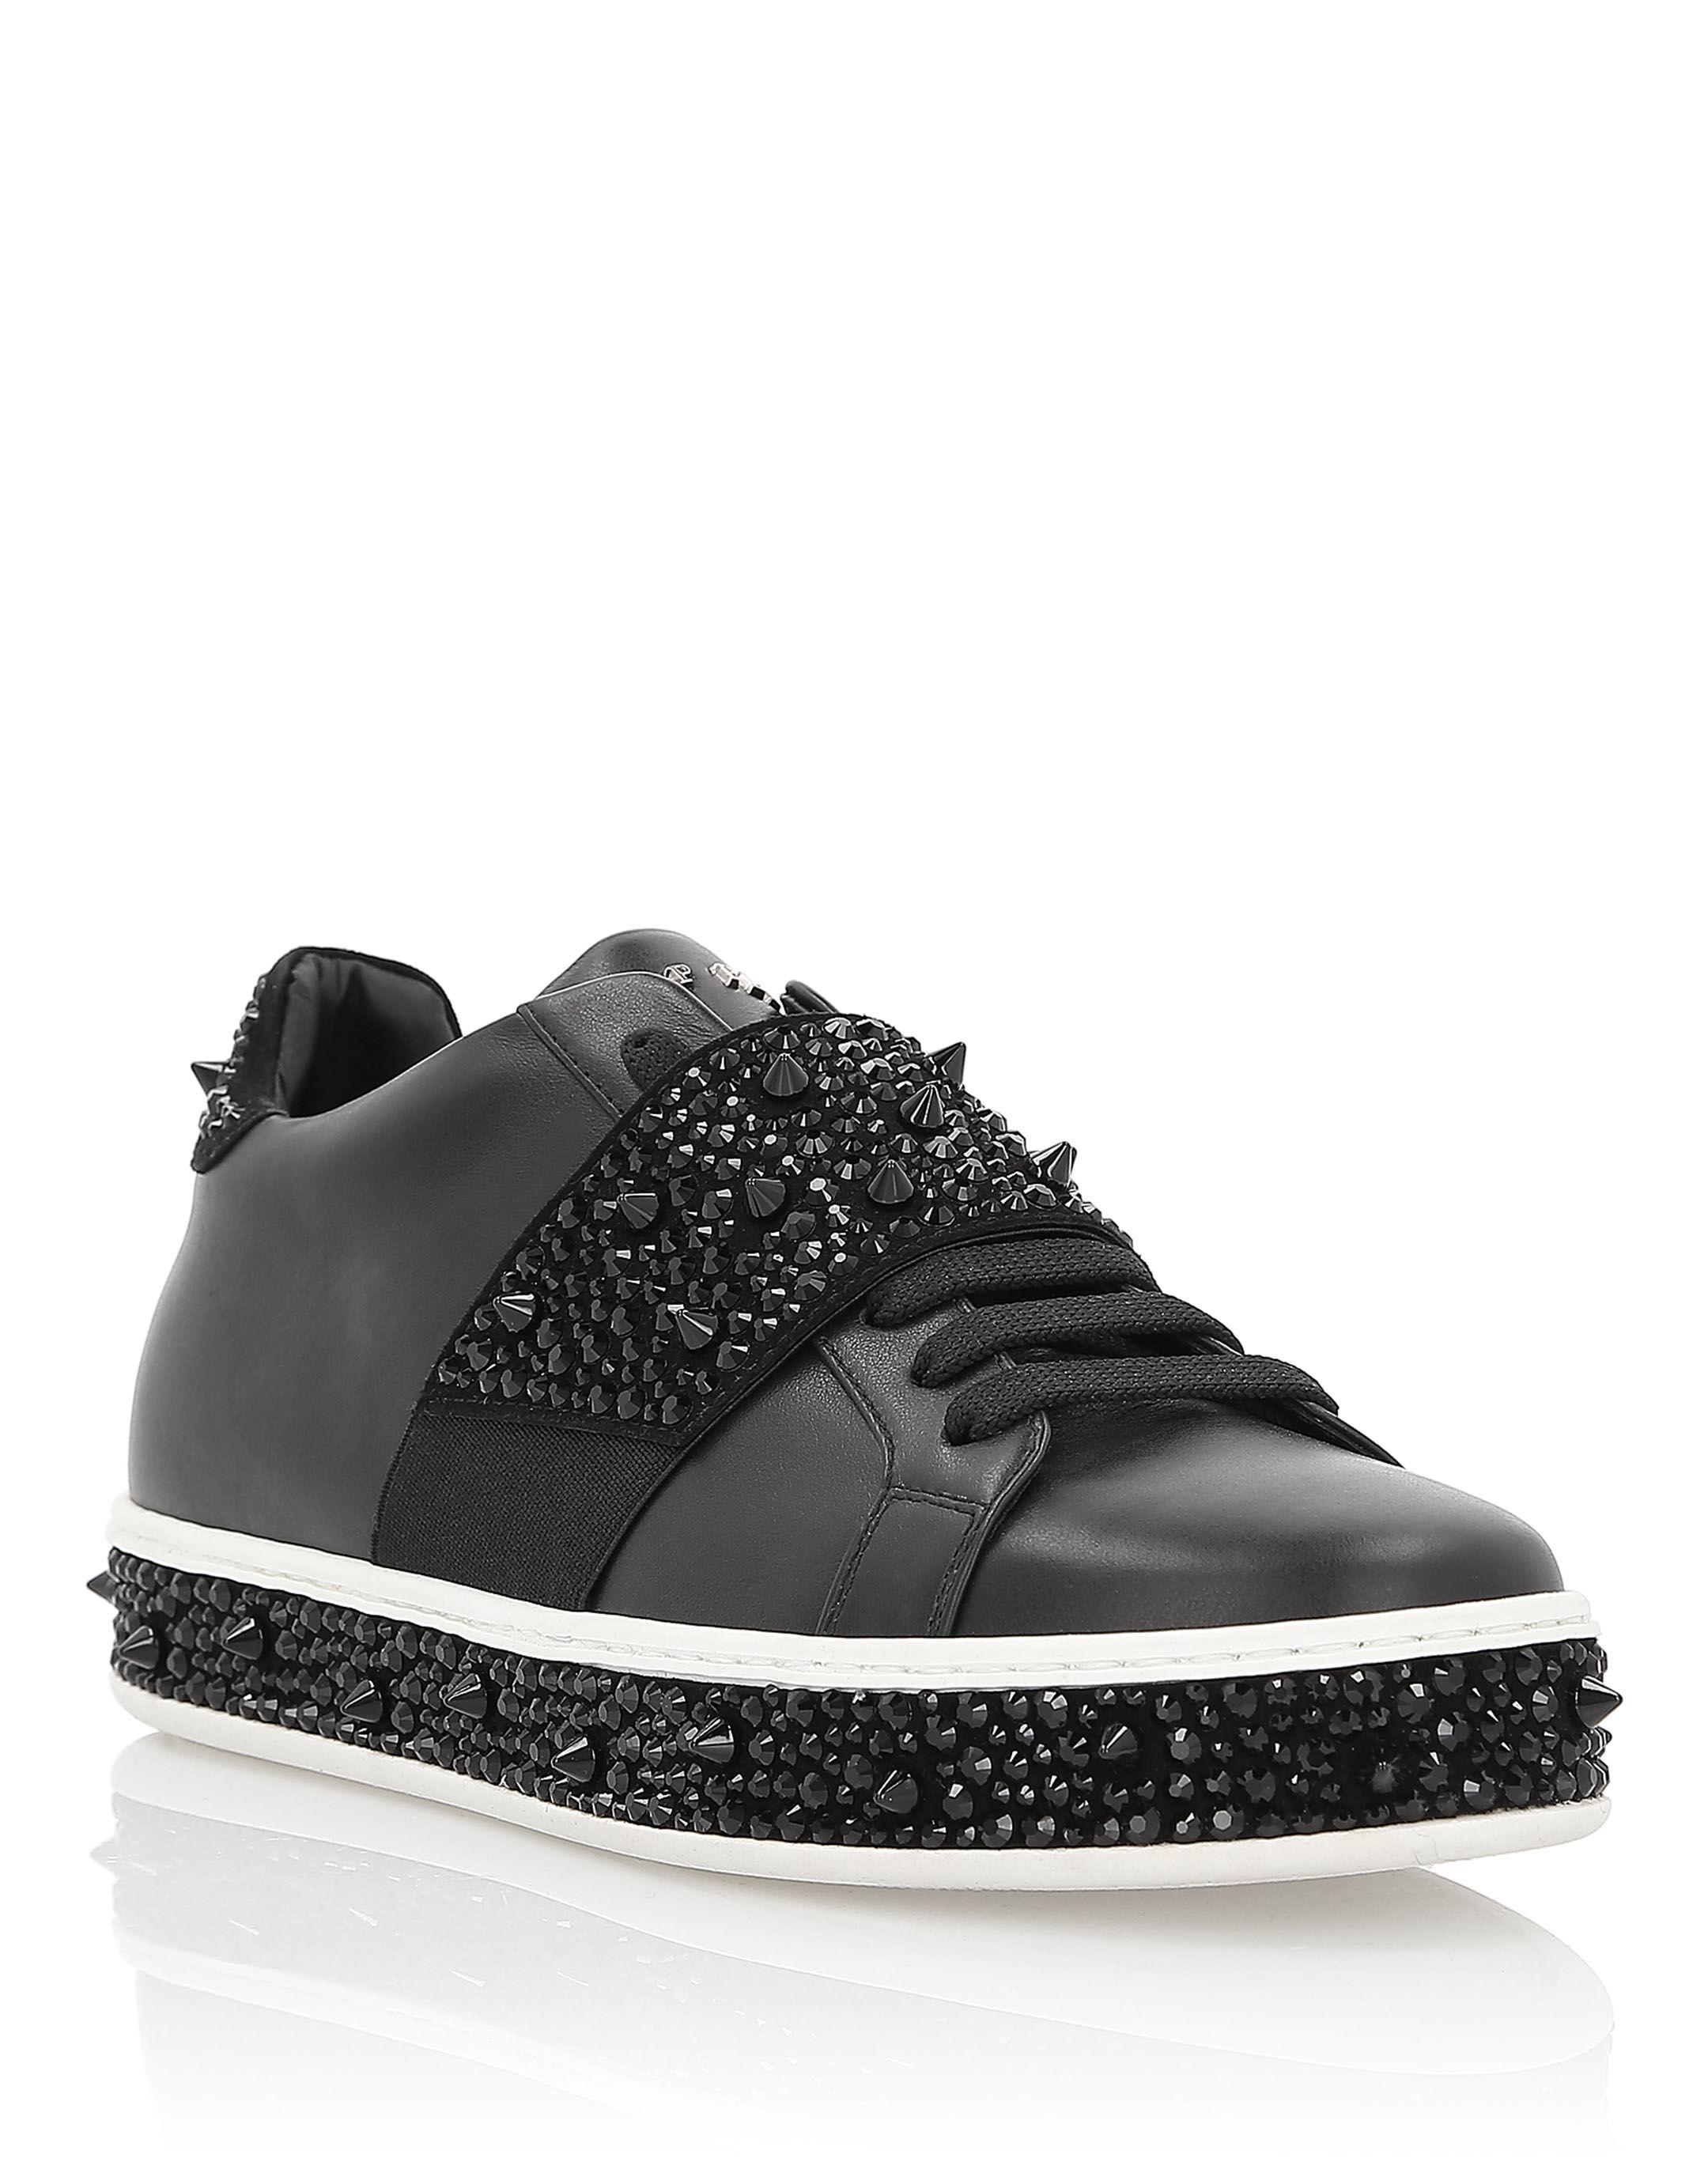 ... Lo-Top Sneakers Full of crystal